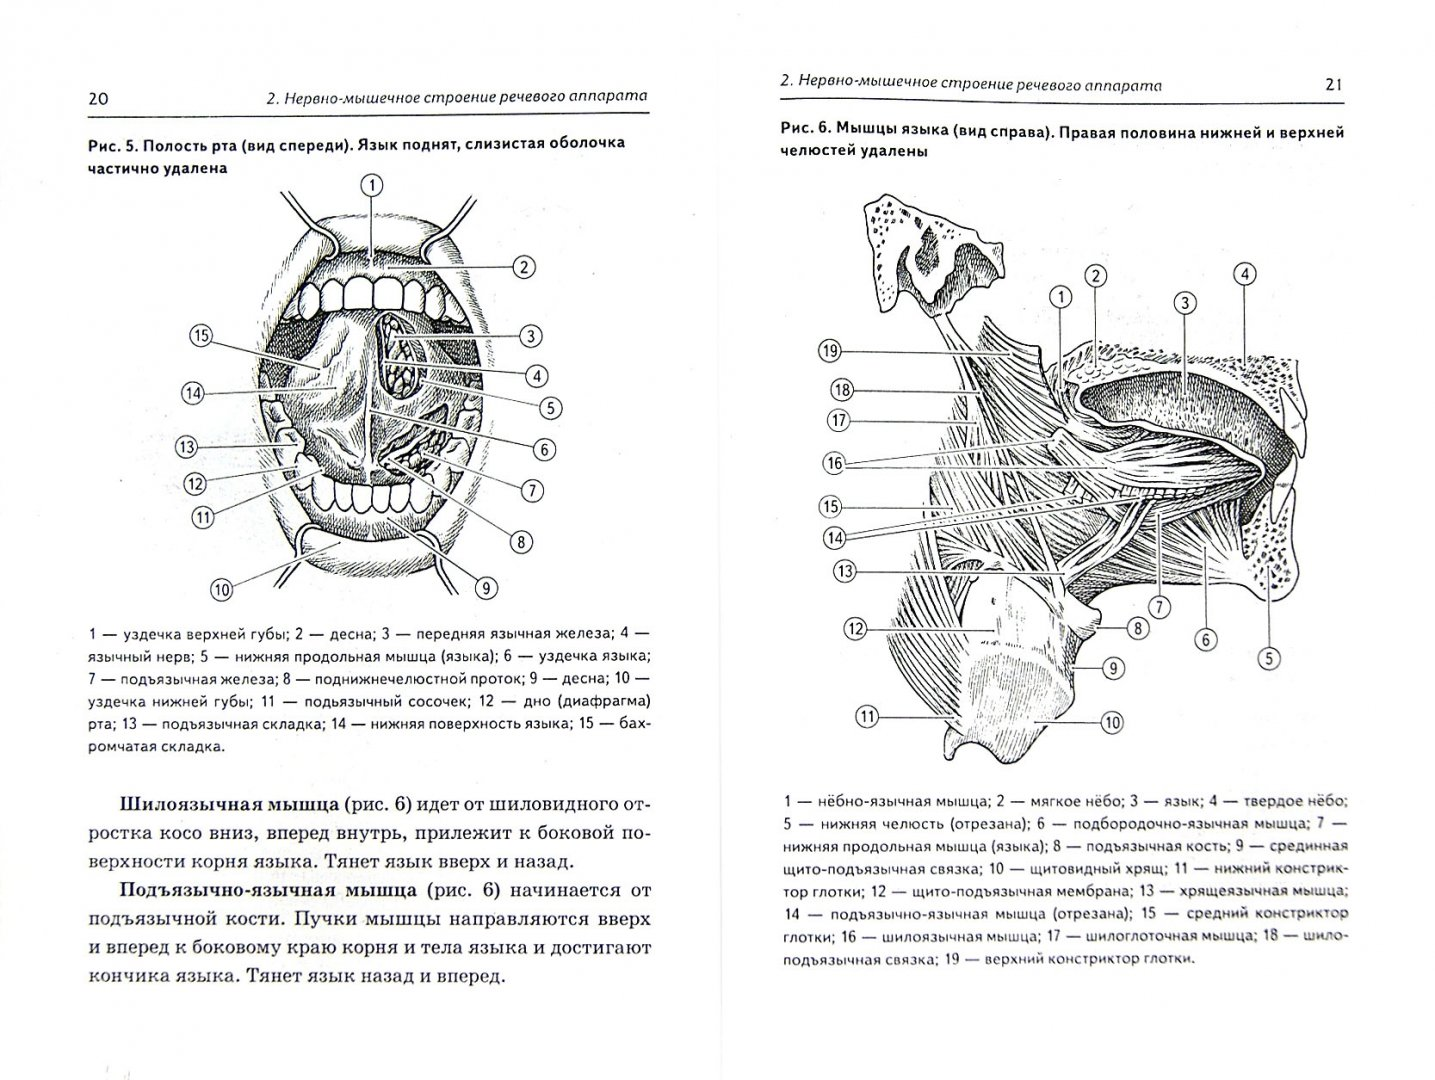 Иллюстрация 1 из 6 для Логопедический массаж при различных речевых нарушениях. Практическое пособие - Инна Карелина | Лабиринт - книги. Источник: Лабиринт